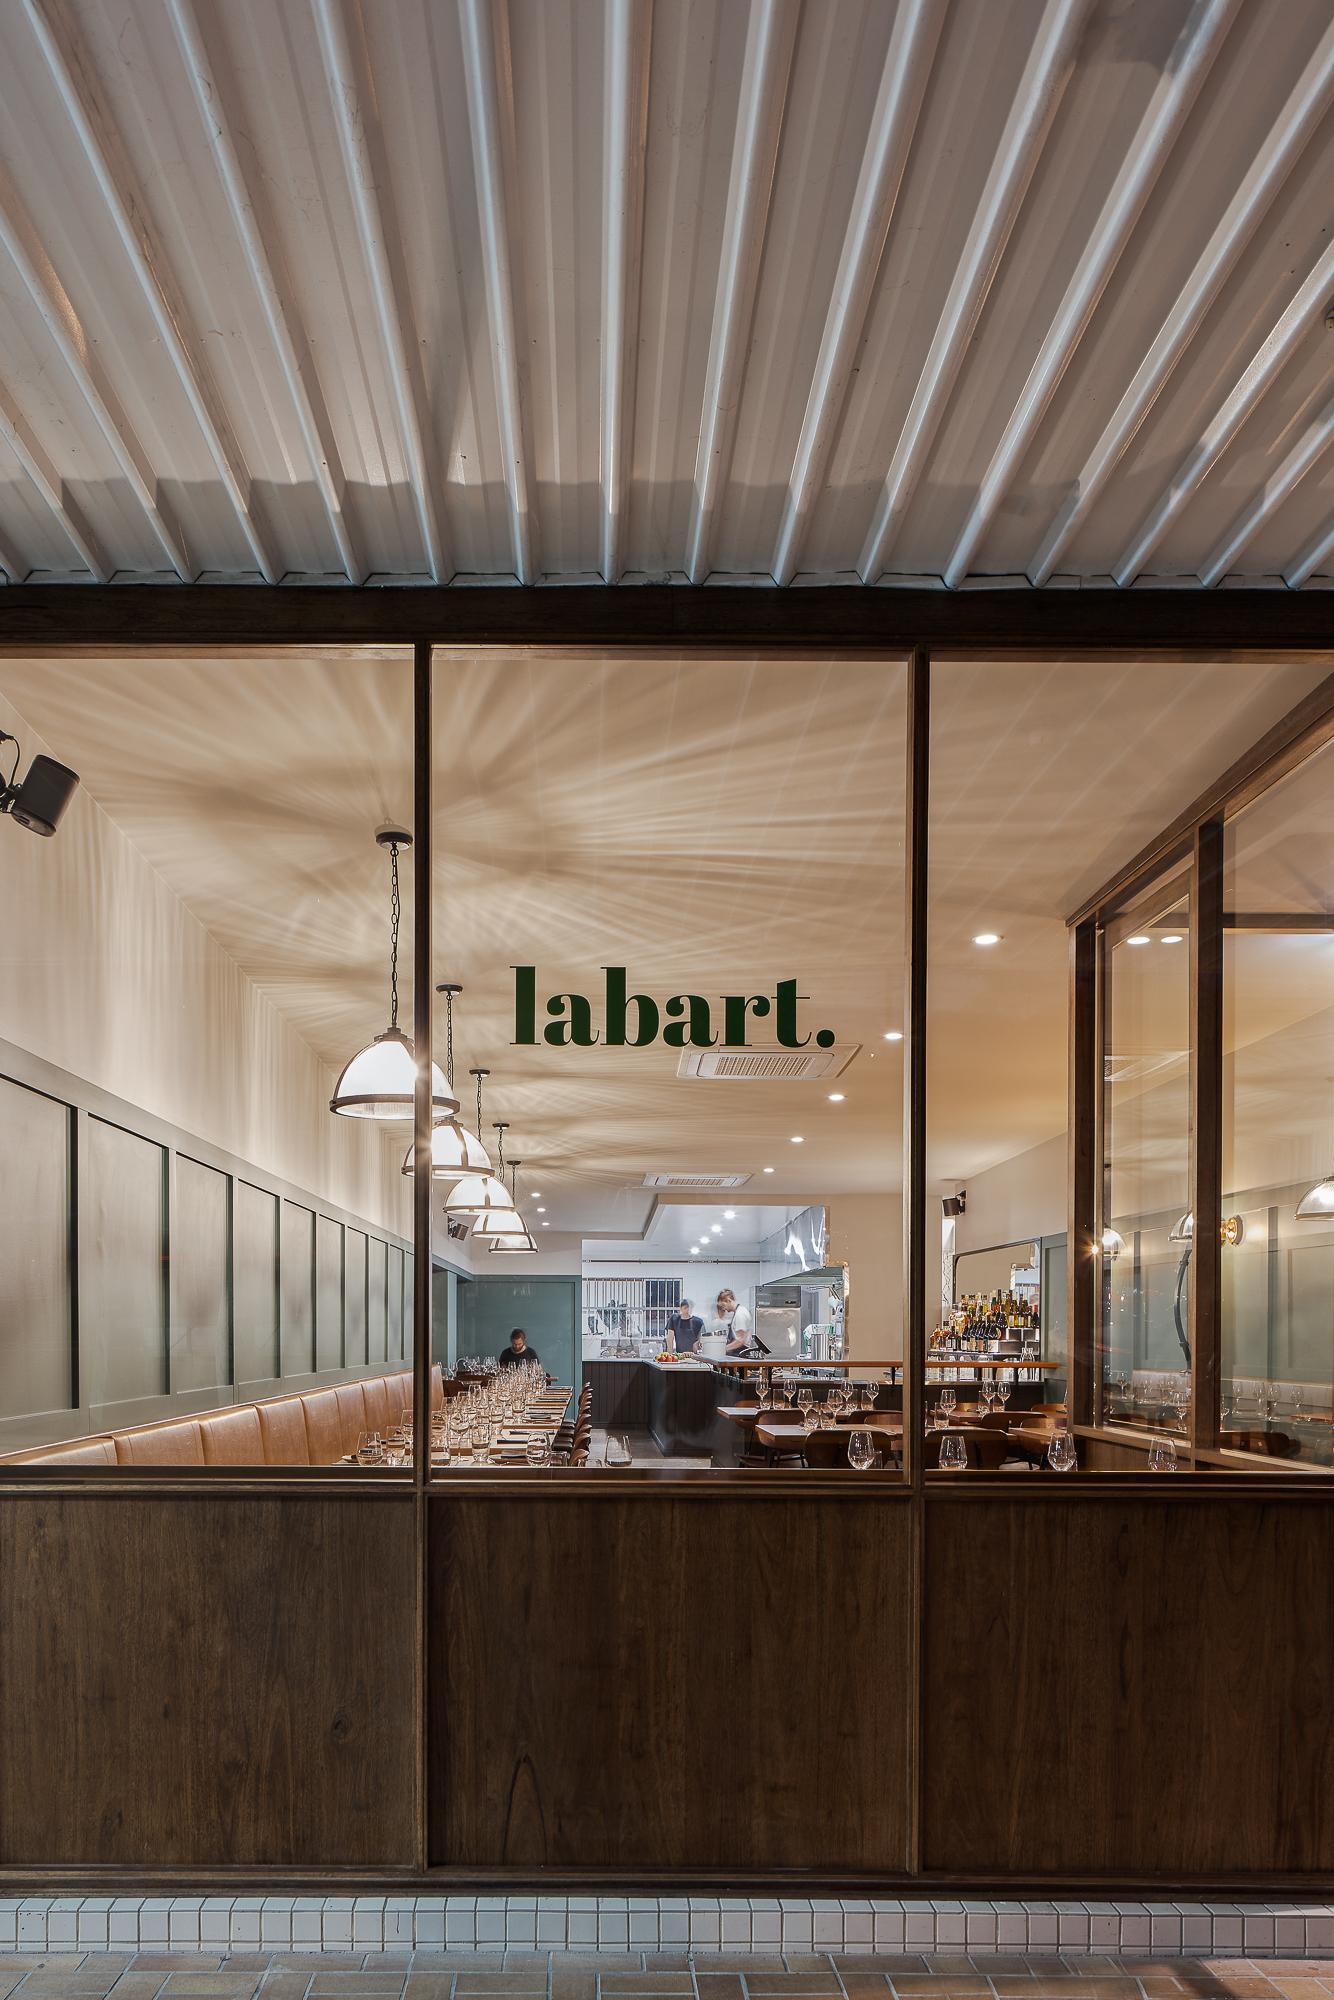 Restaurant Labart